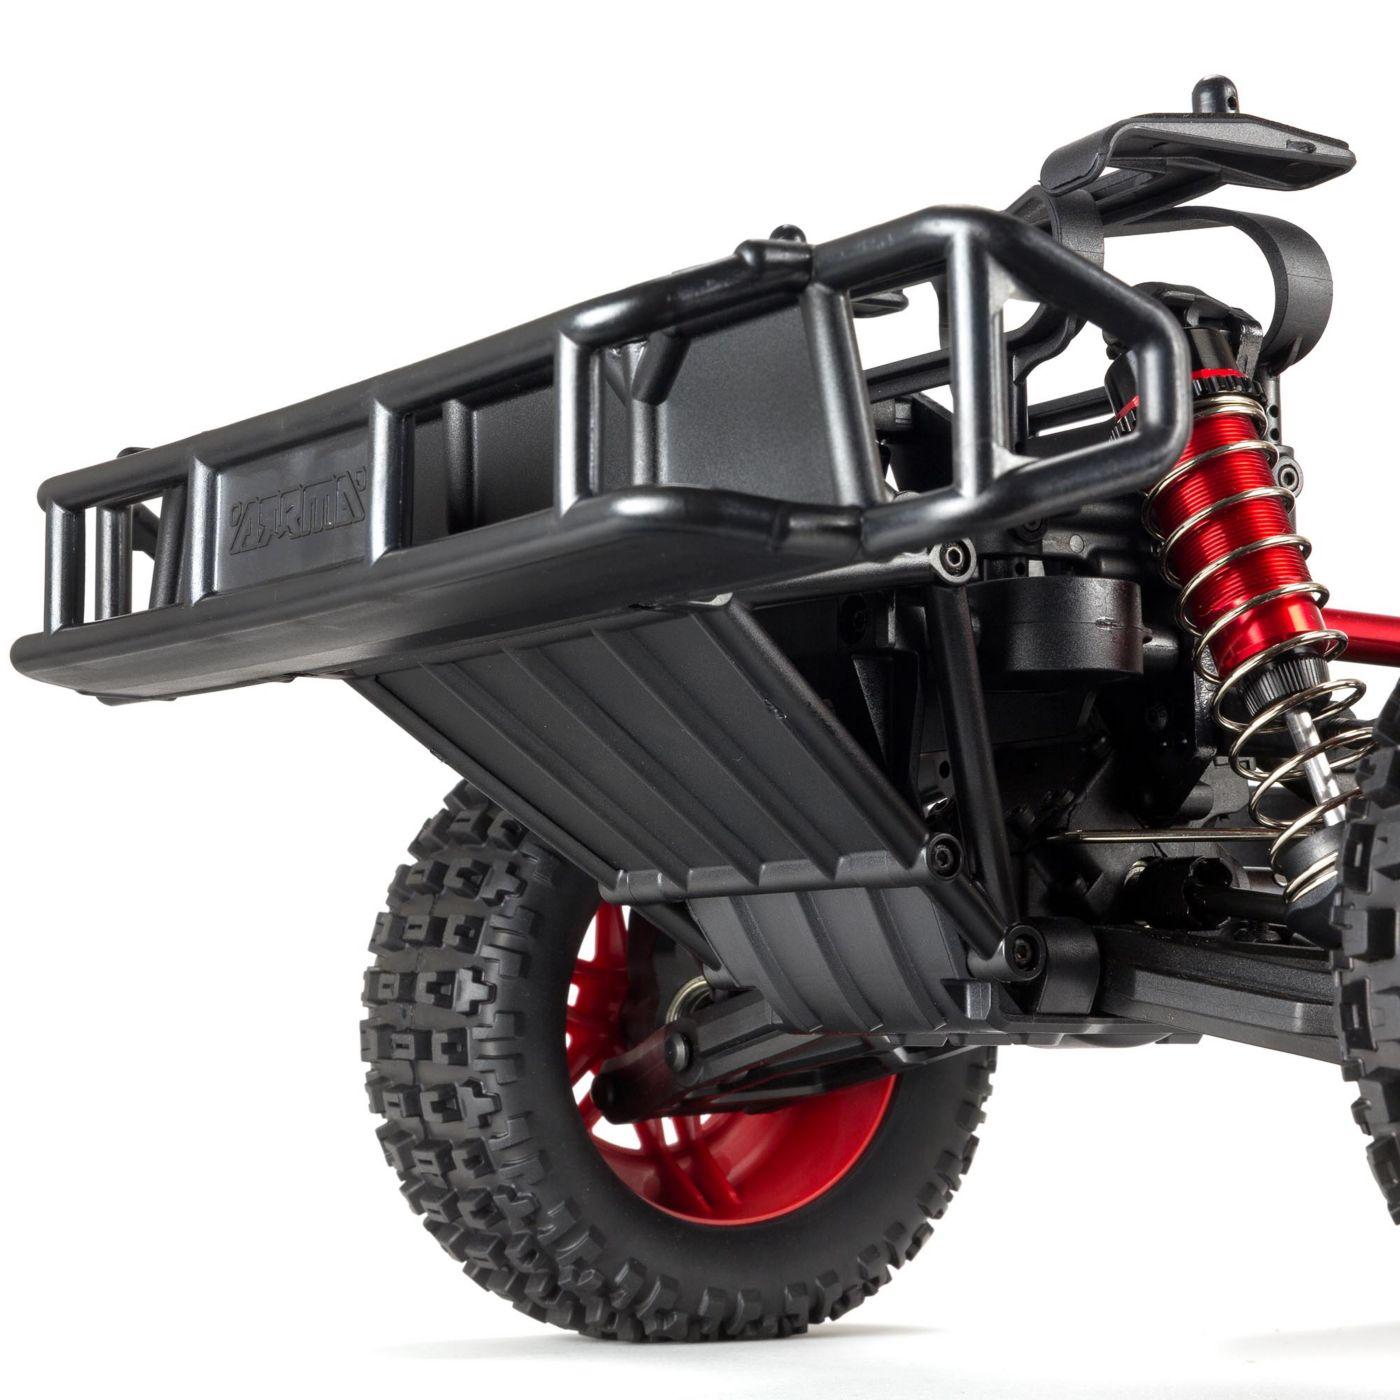 Arrma Mojave 6S Blx 4WD Desert Truck Brushless 7